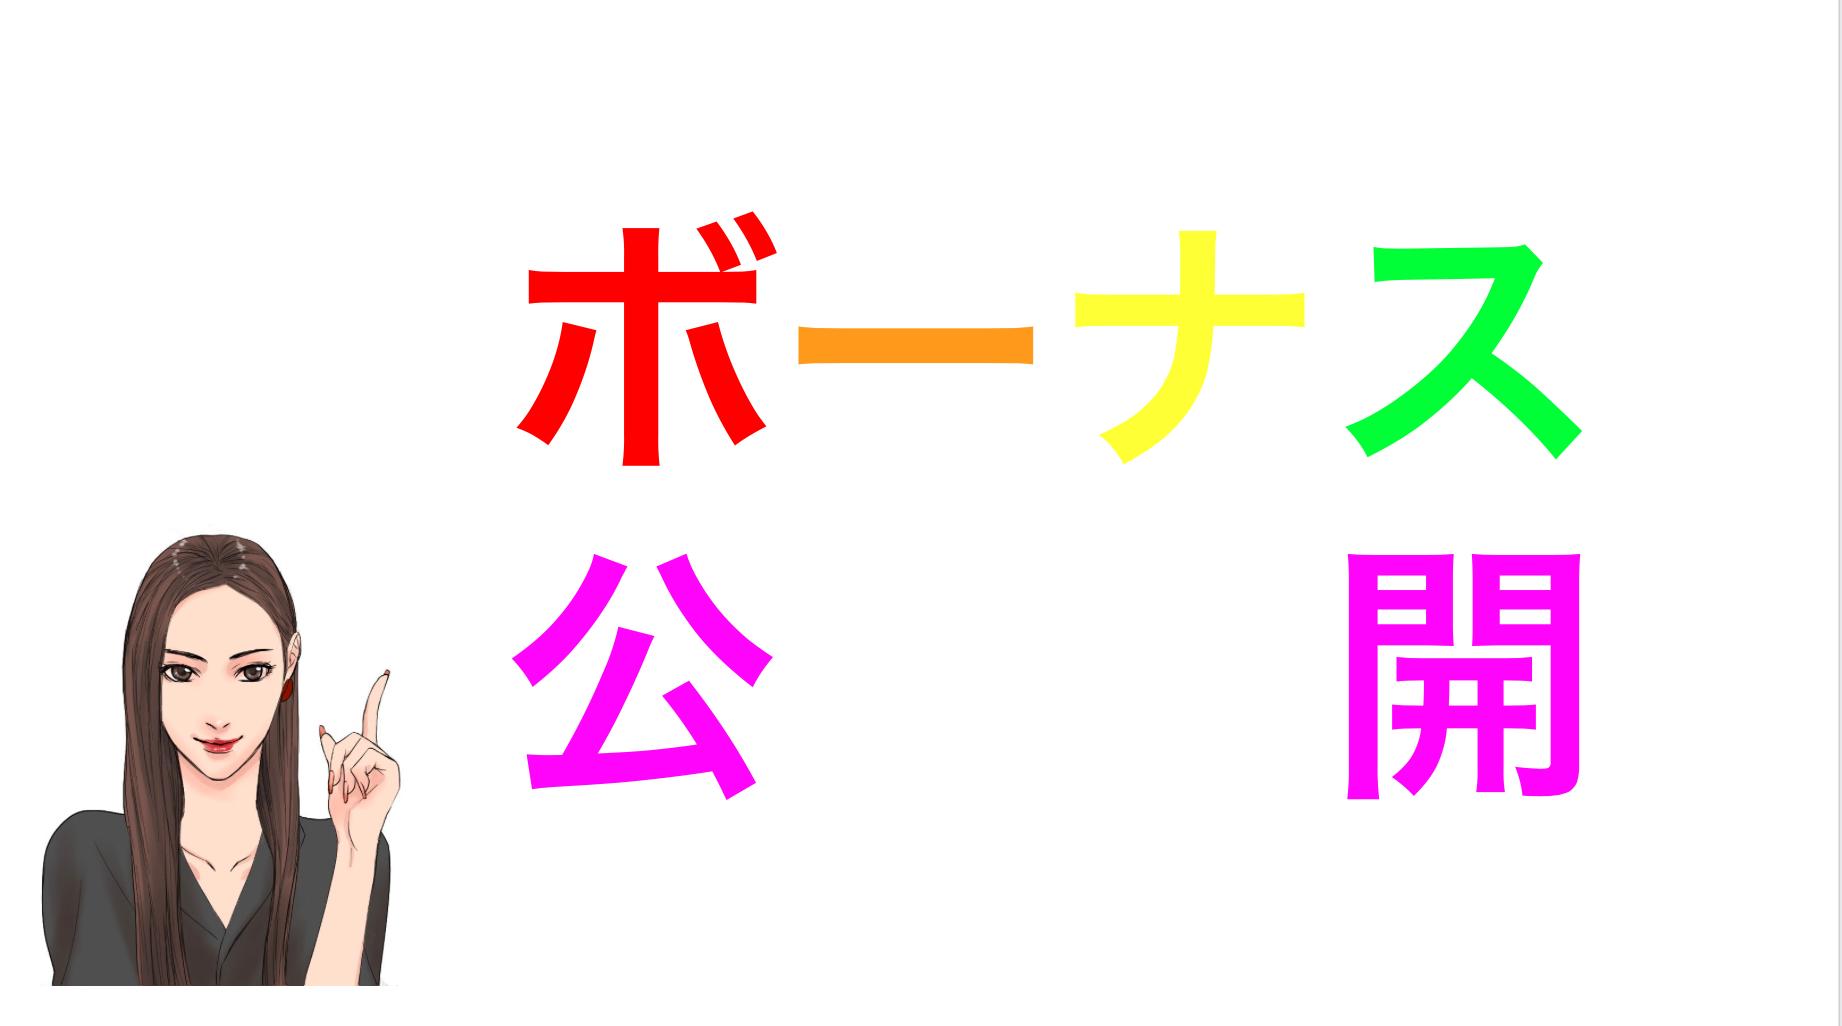 丸ノ内OL ボーナス 公開